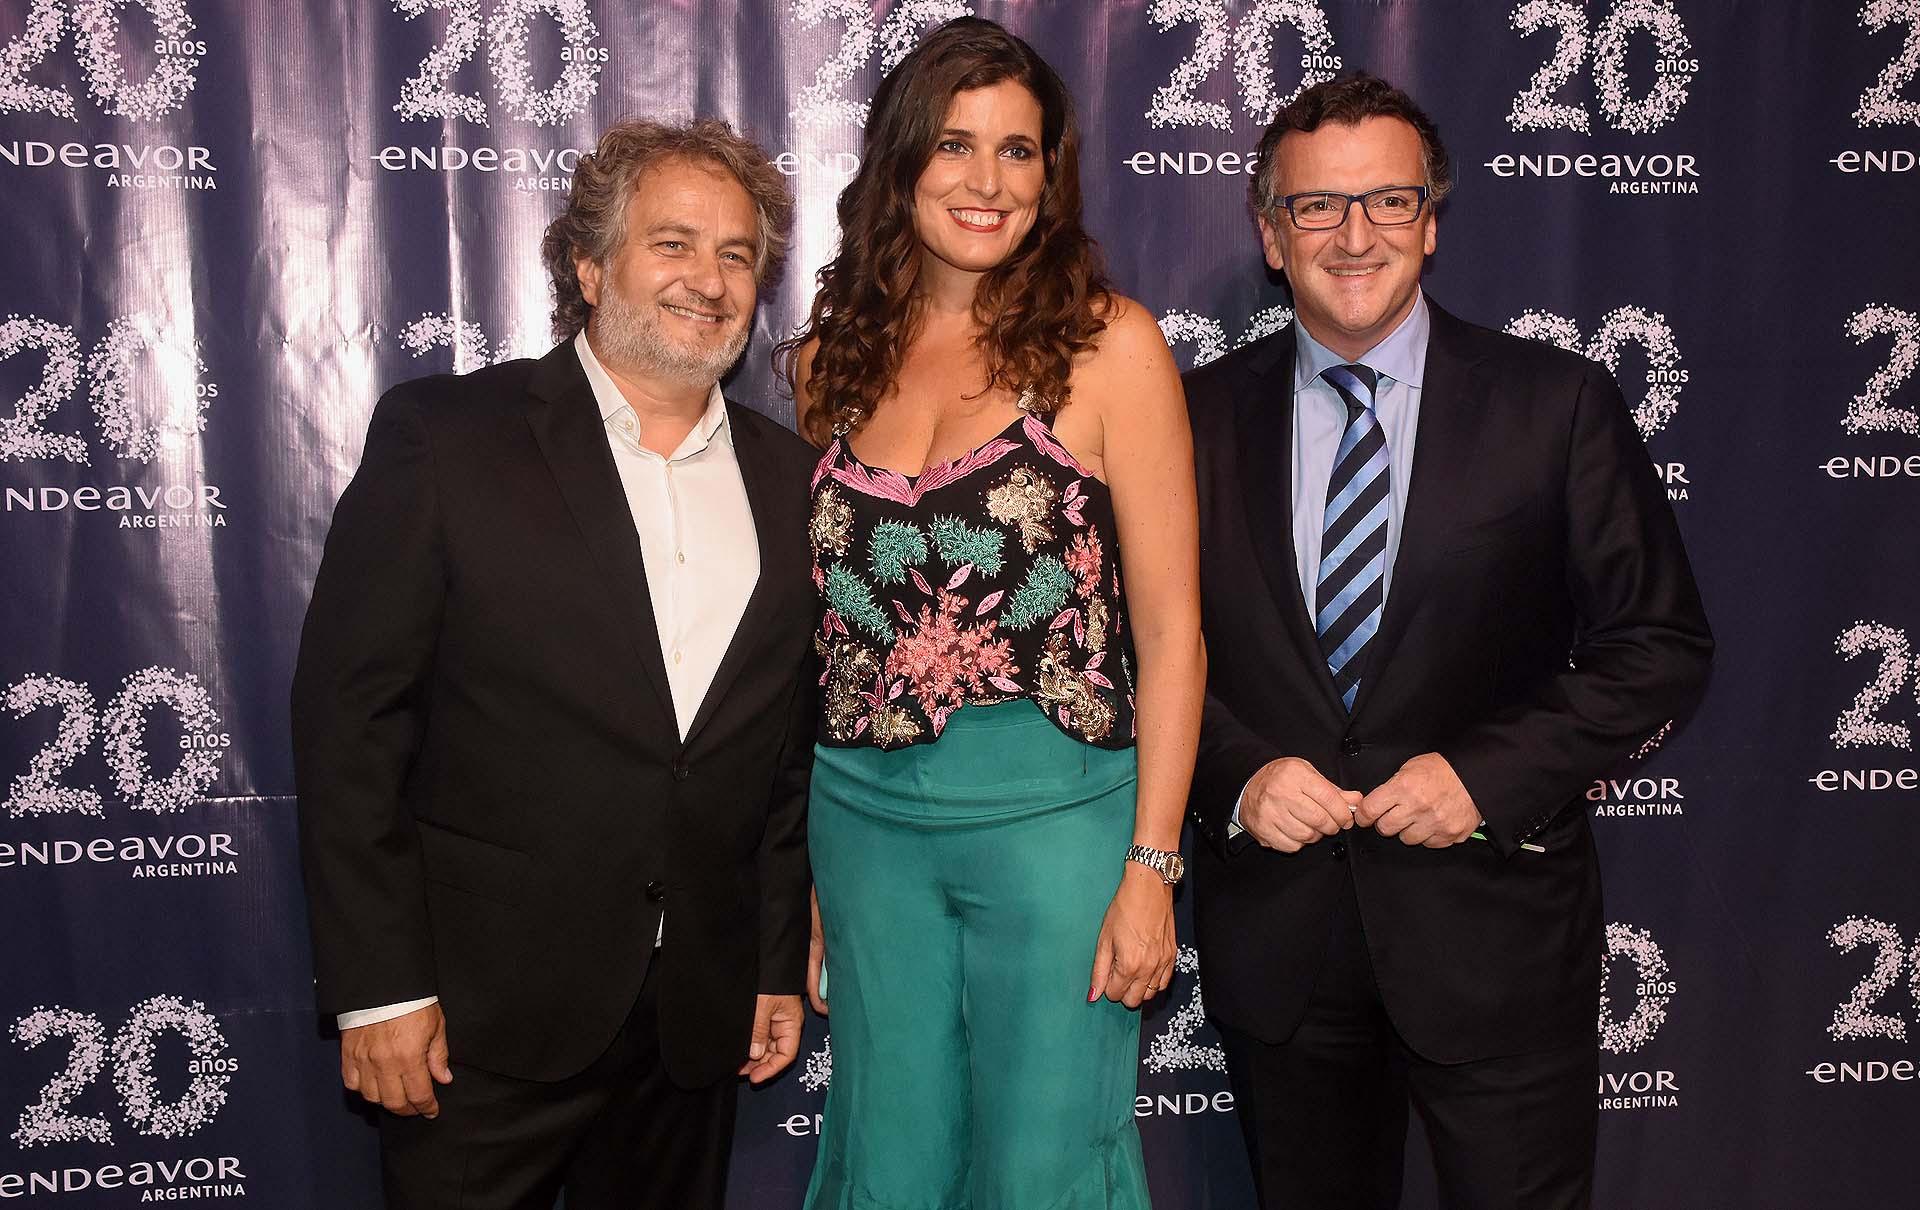 Guibert Englebienne, María Julia Bearzi y Martín Migoya, CEO y cofundador de Globant